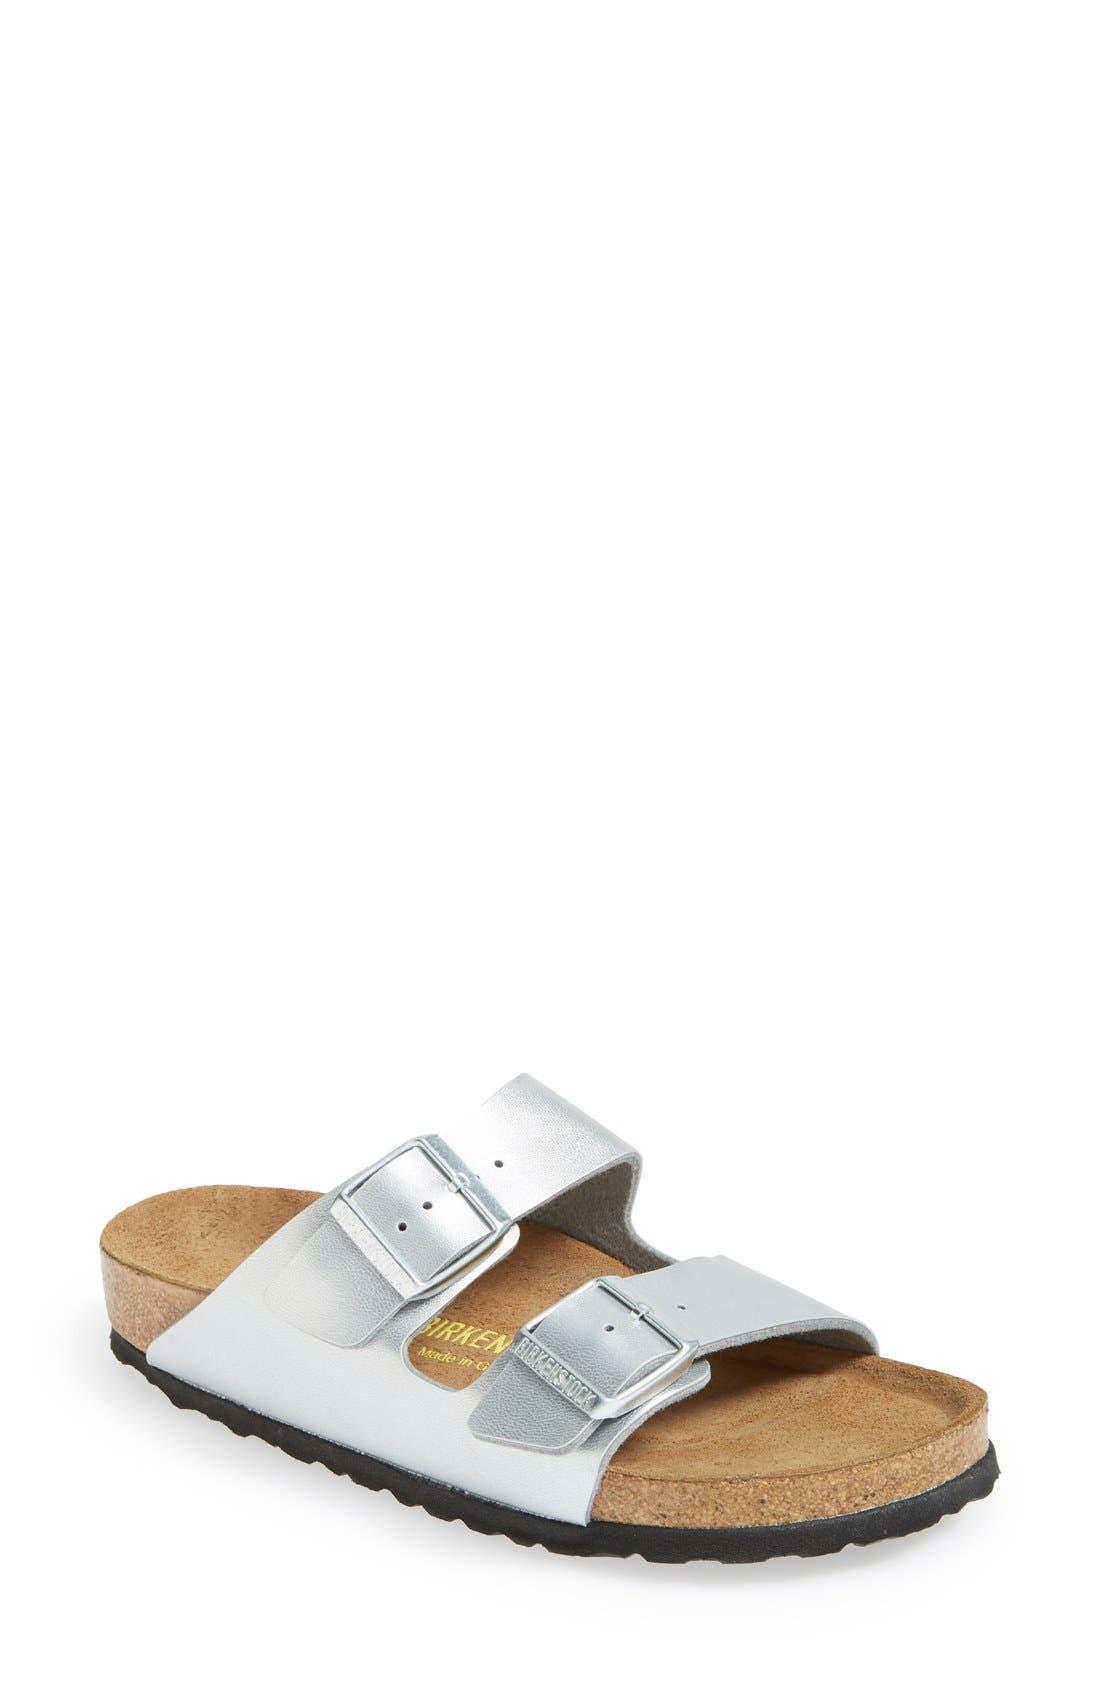 'Arizona Birko-Flor' Soft Footbed Sandal,                         Main,                         color, Silver